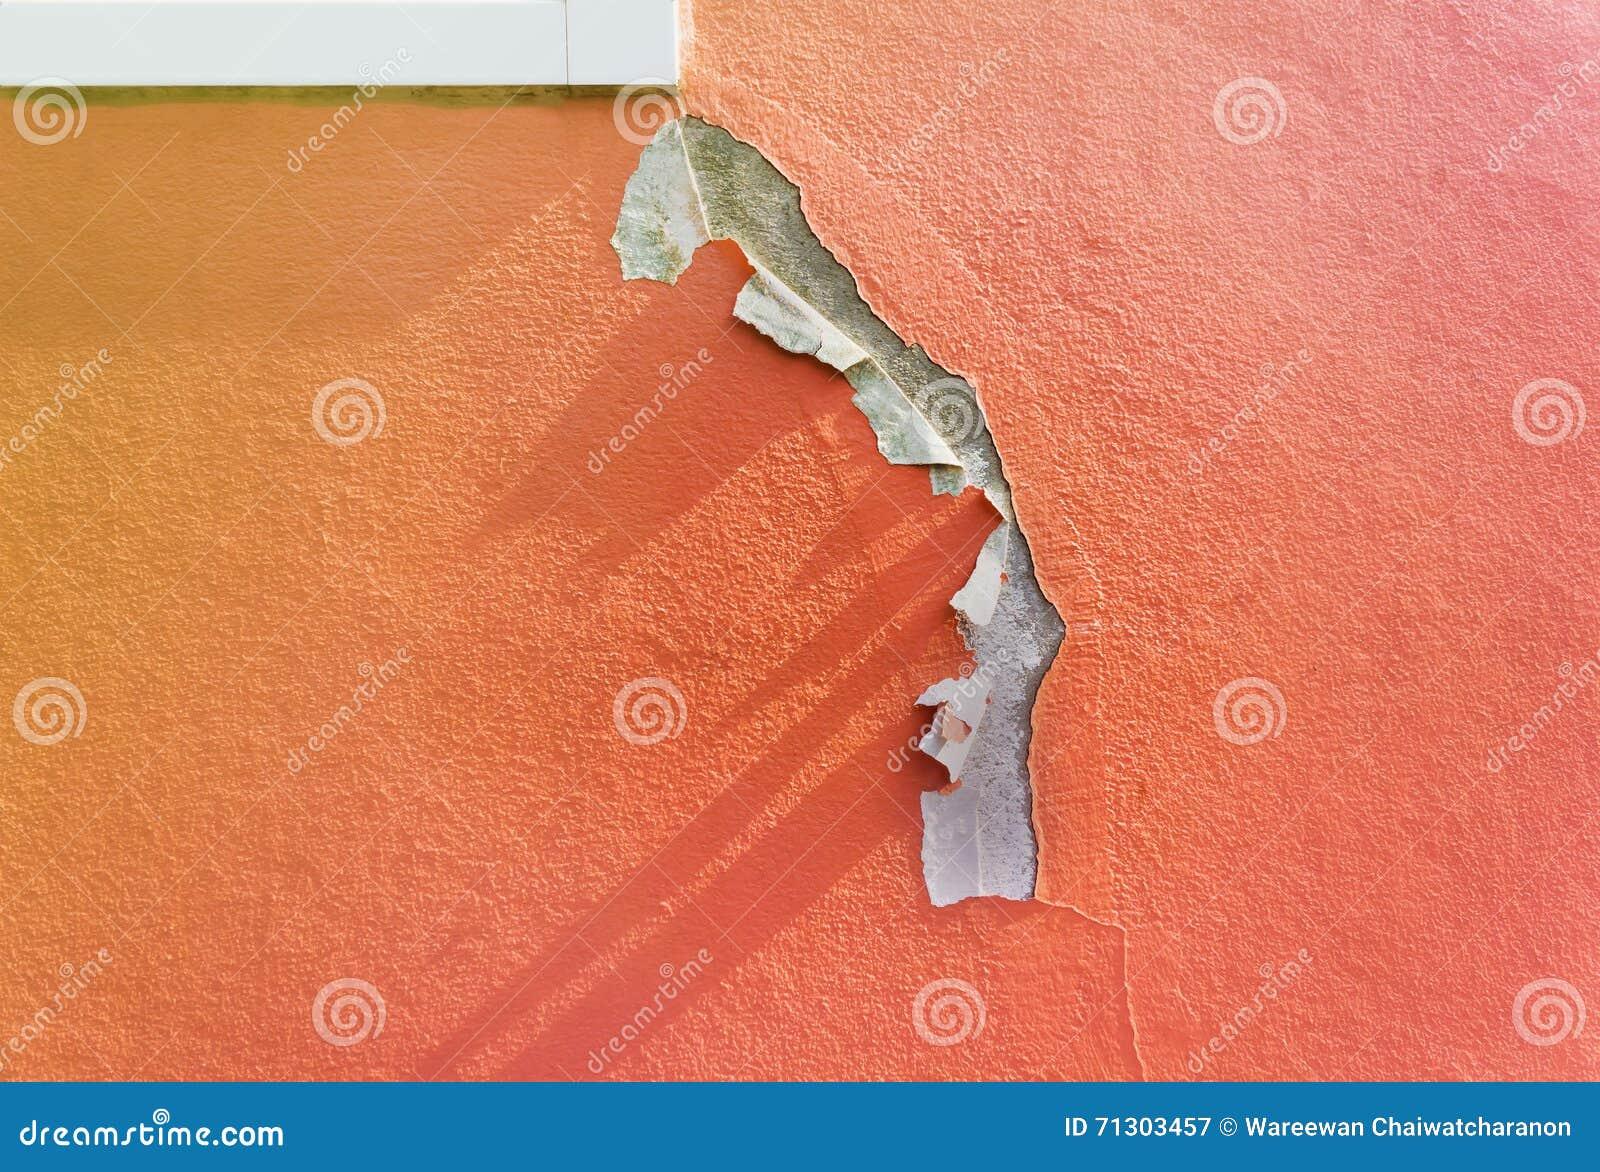 peinture ext rieure d t rior e de mur de maison image stock image 71303457. Black Bedroom Furniture Sets. Home Design Ideas